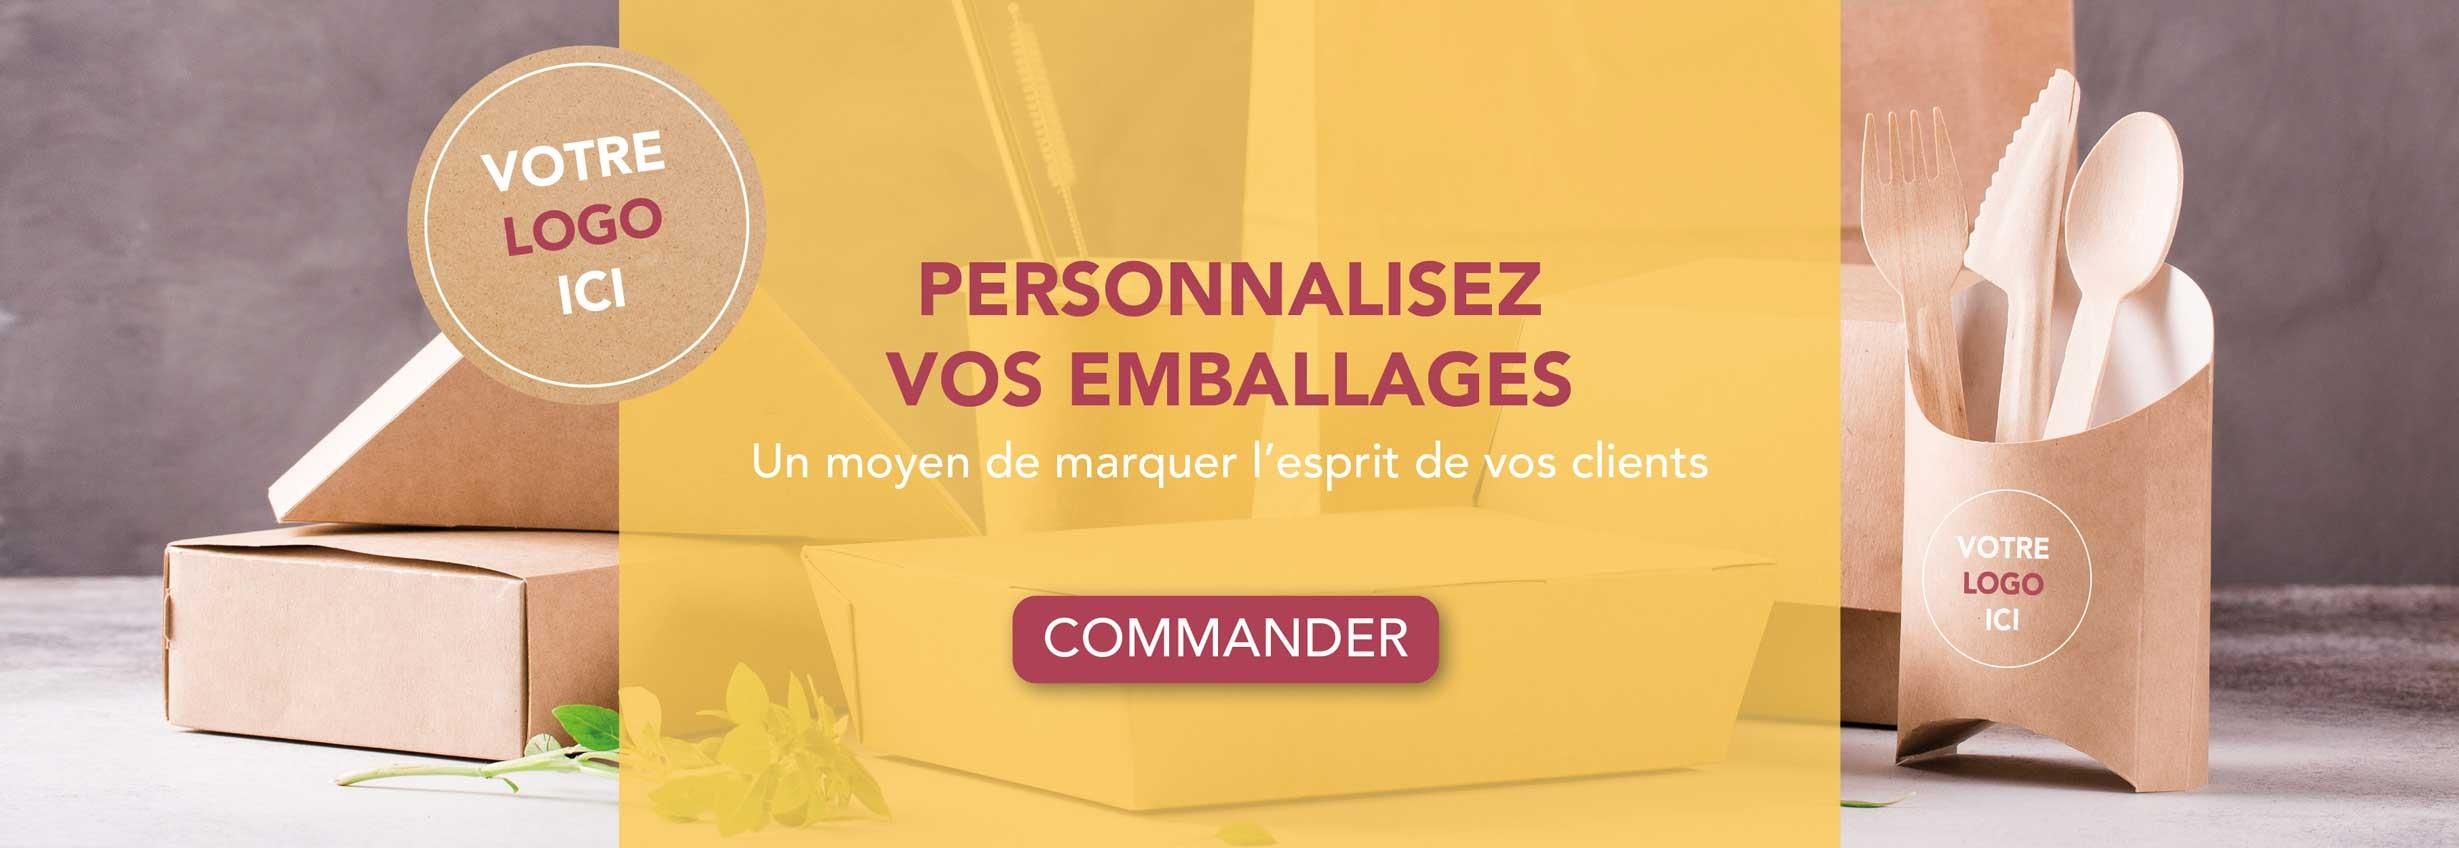 personnalisation emballage avec  votre logo